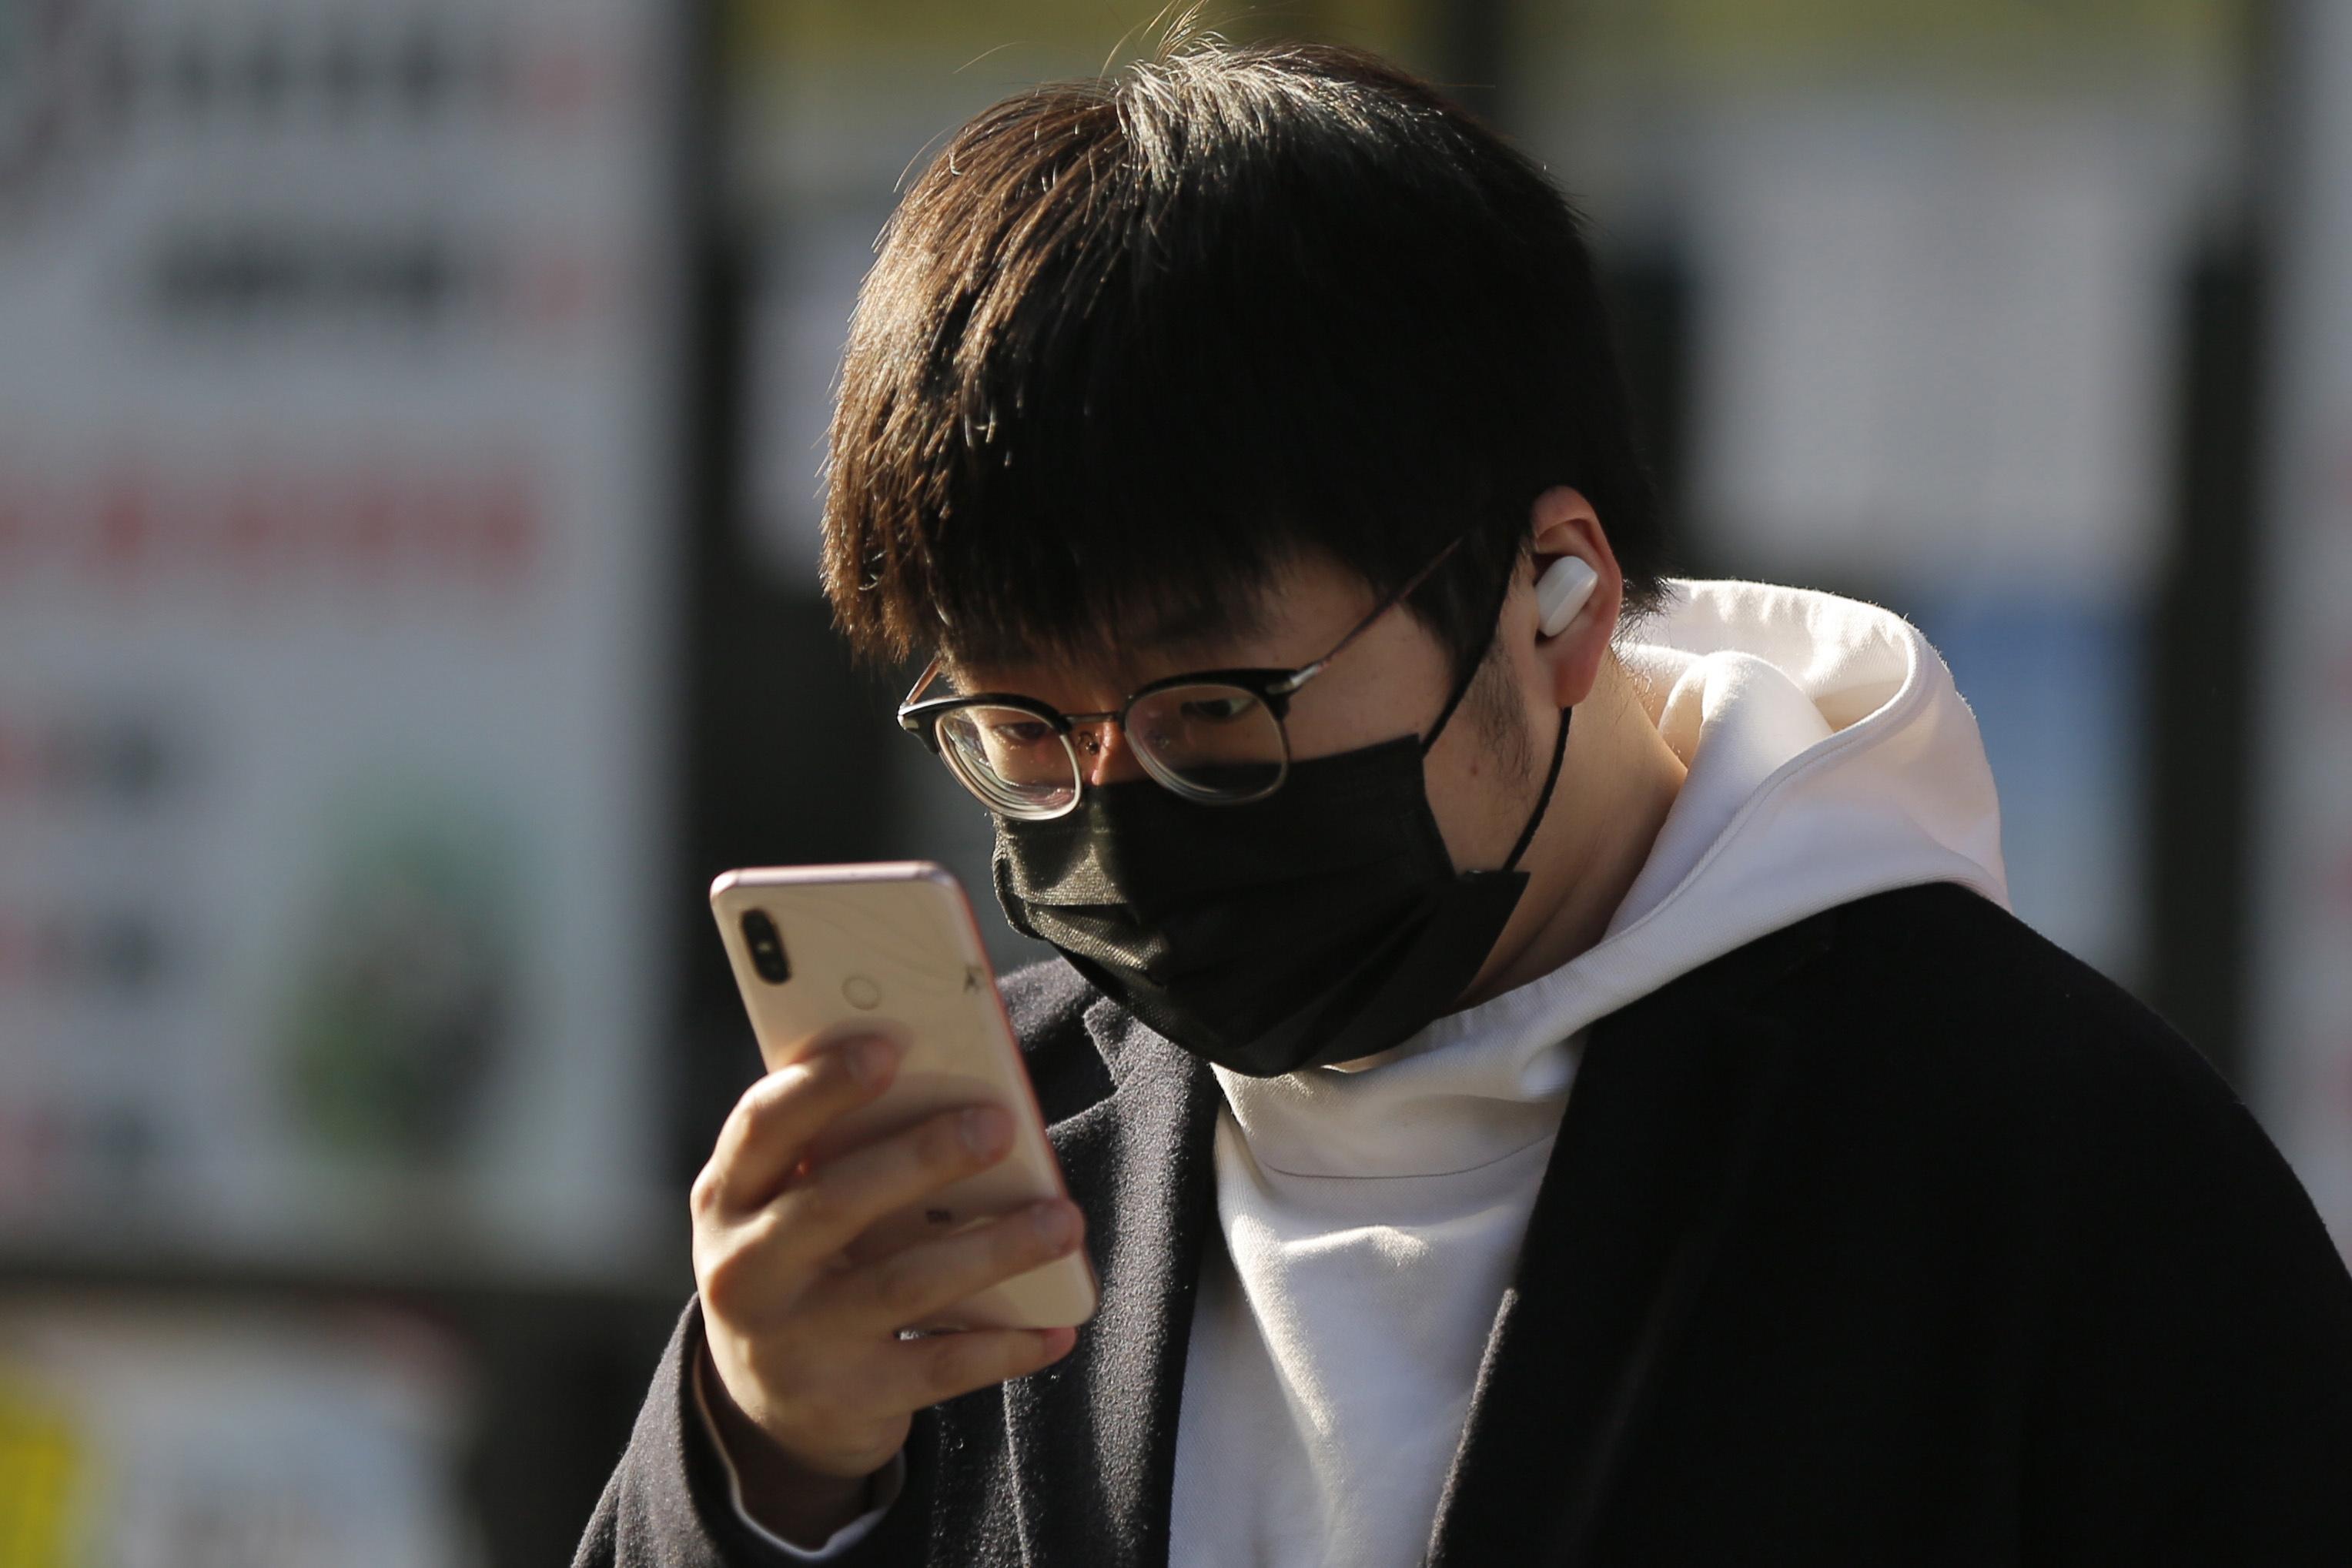 chinese_smartphone_user